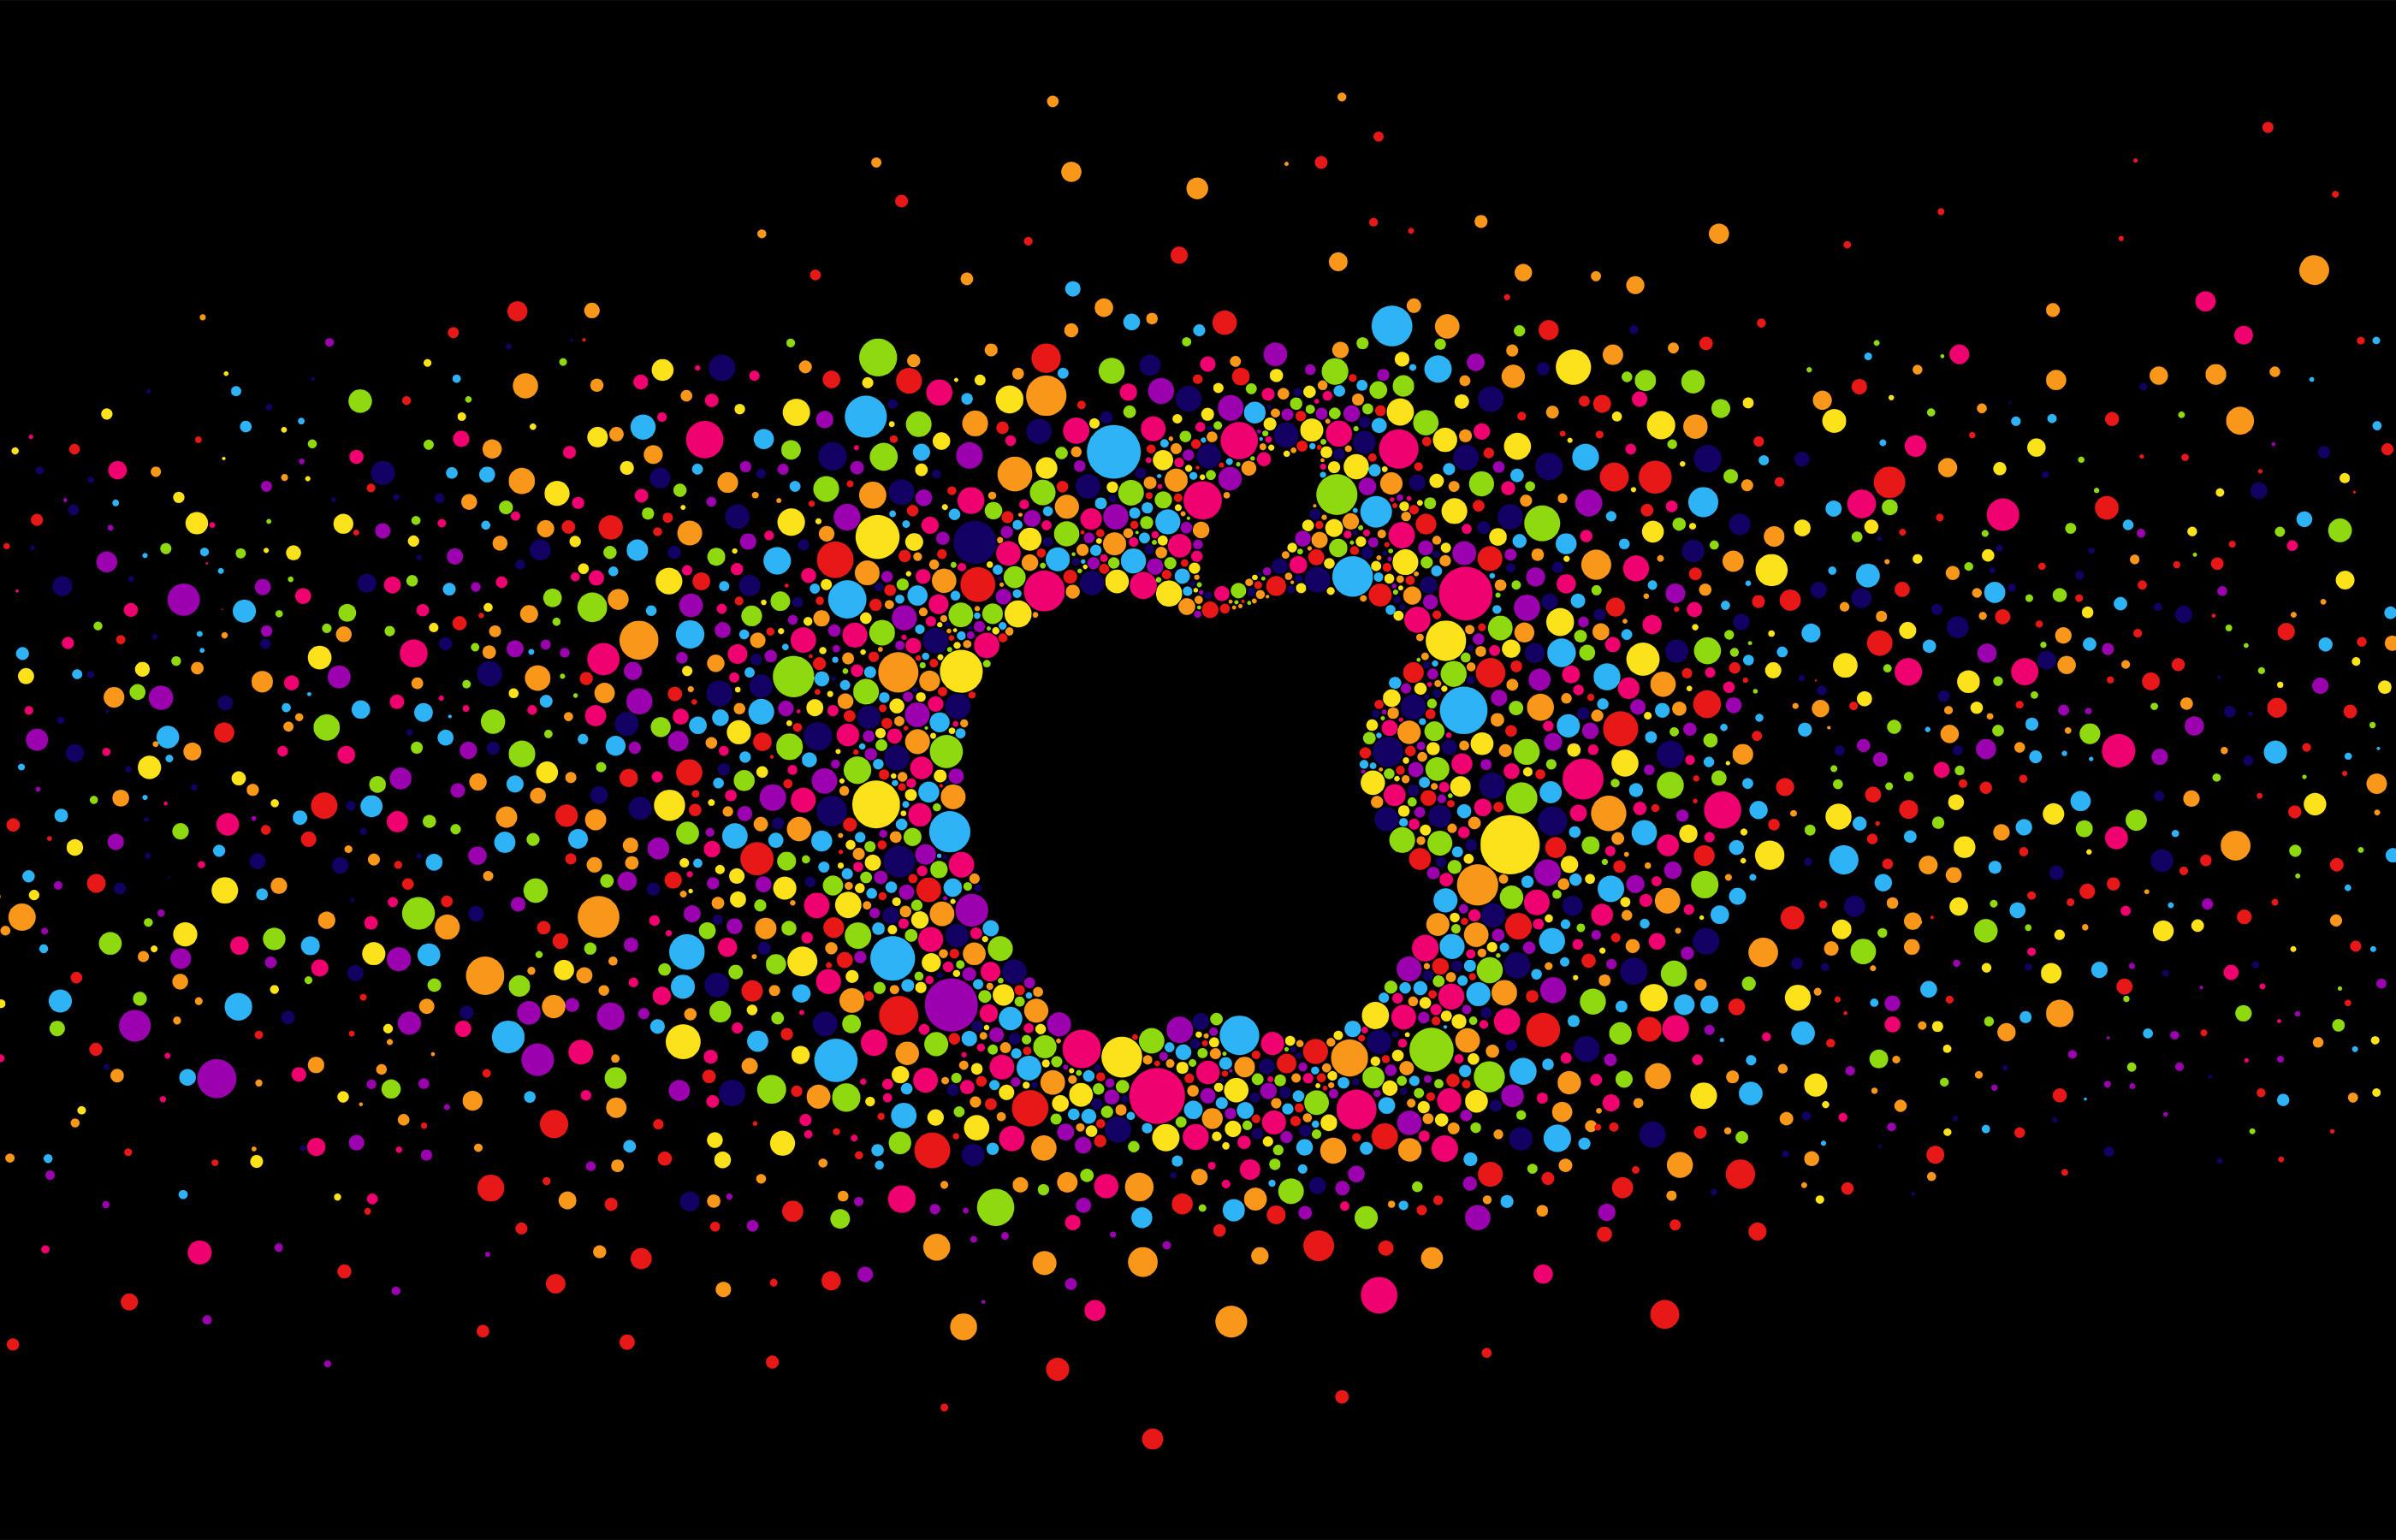 Sfondi apple 74 immagini for Sfondo apple hd